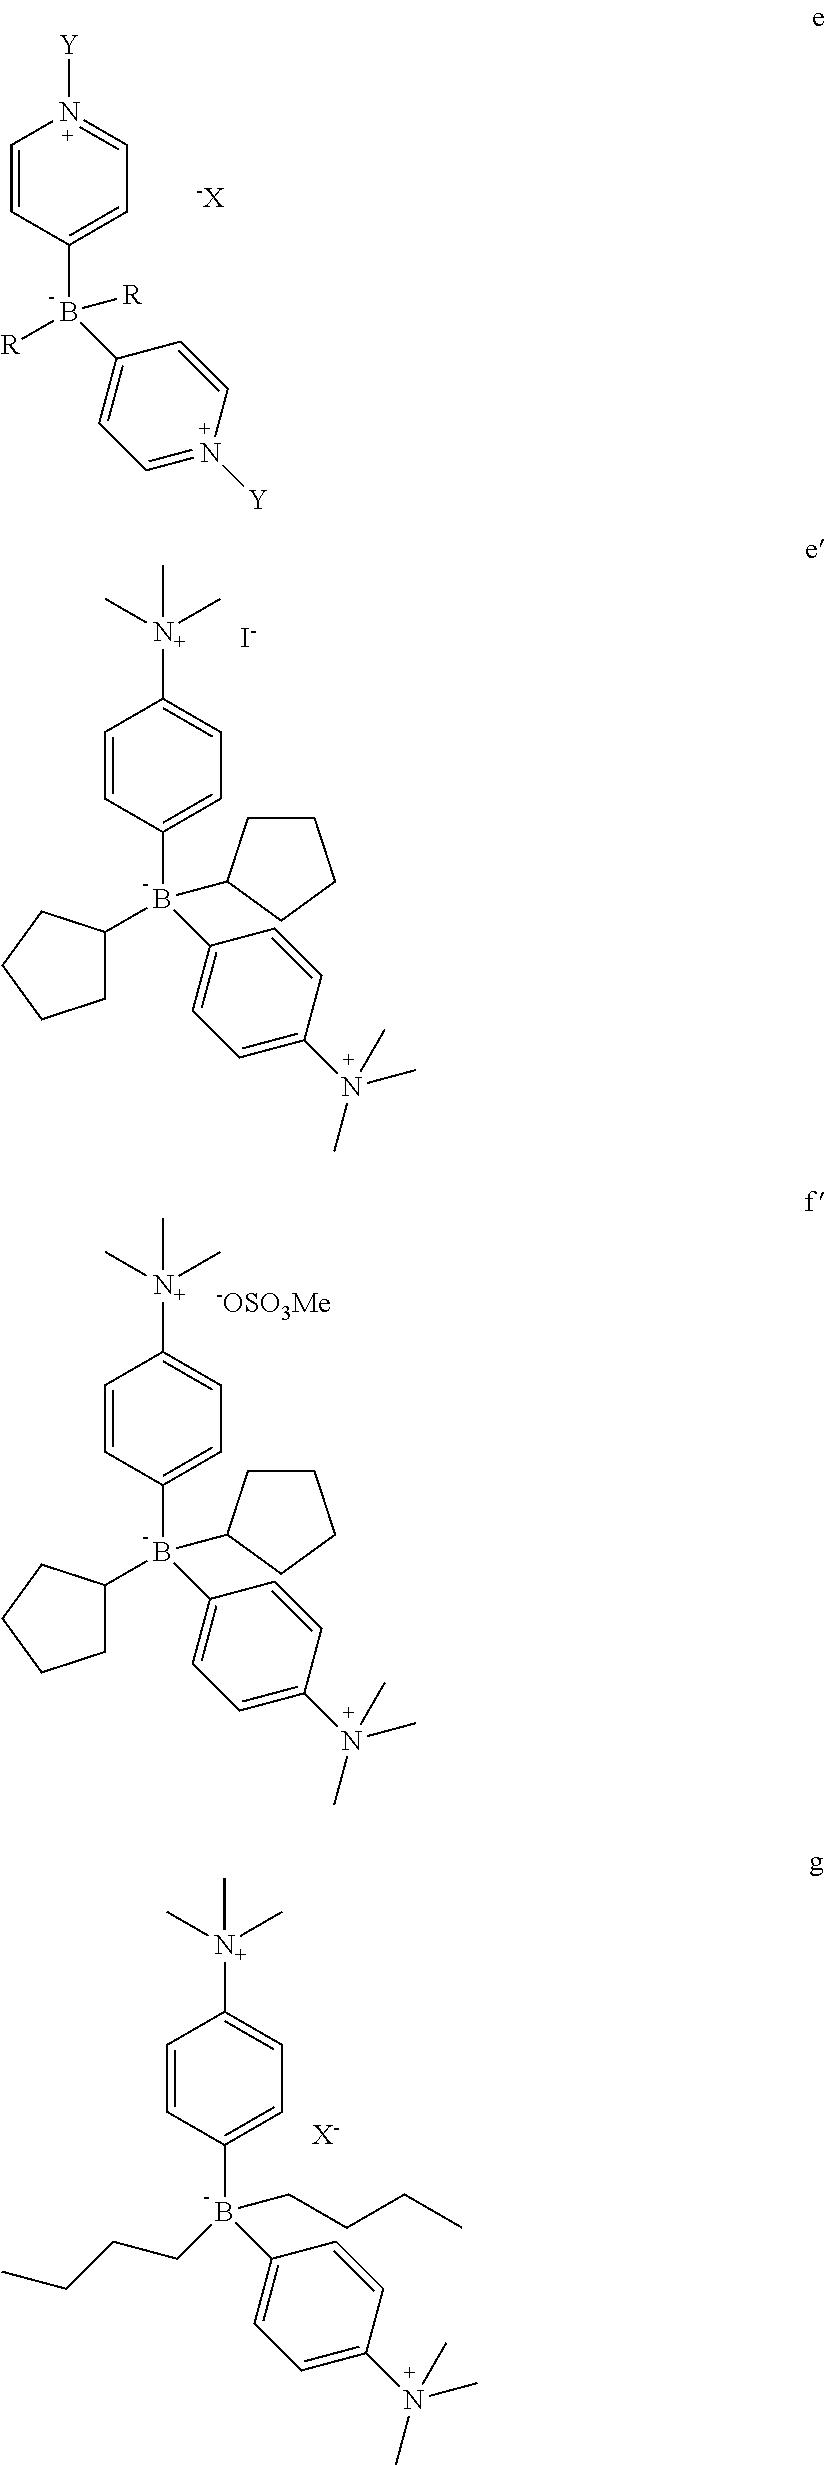 Figure US09708349-20170718-C00003